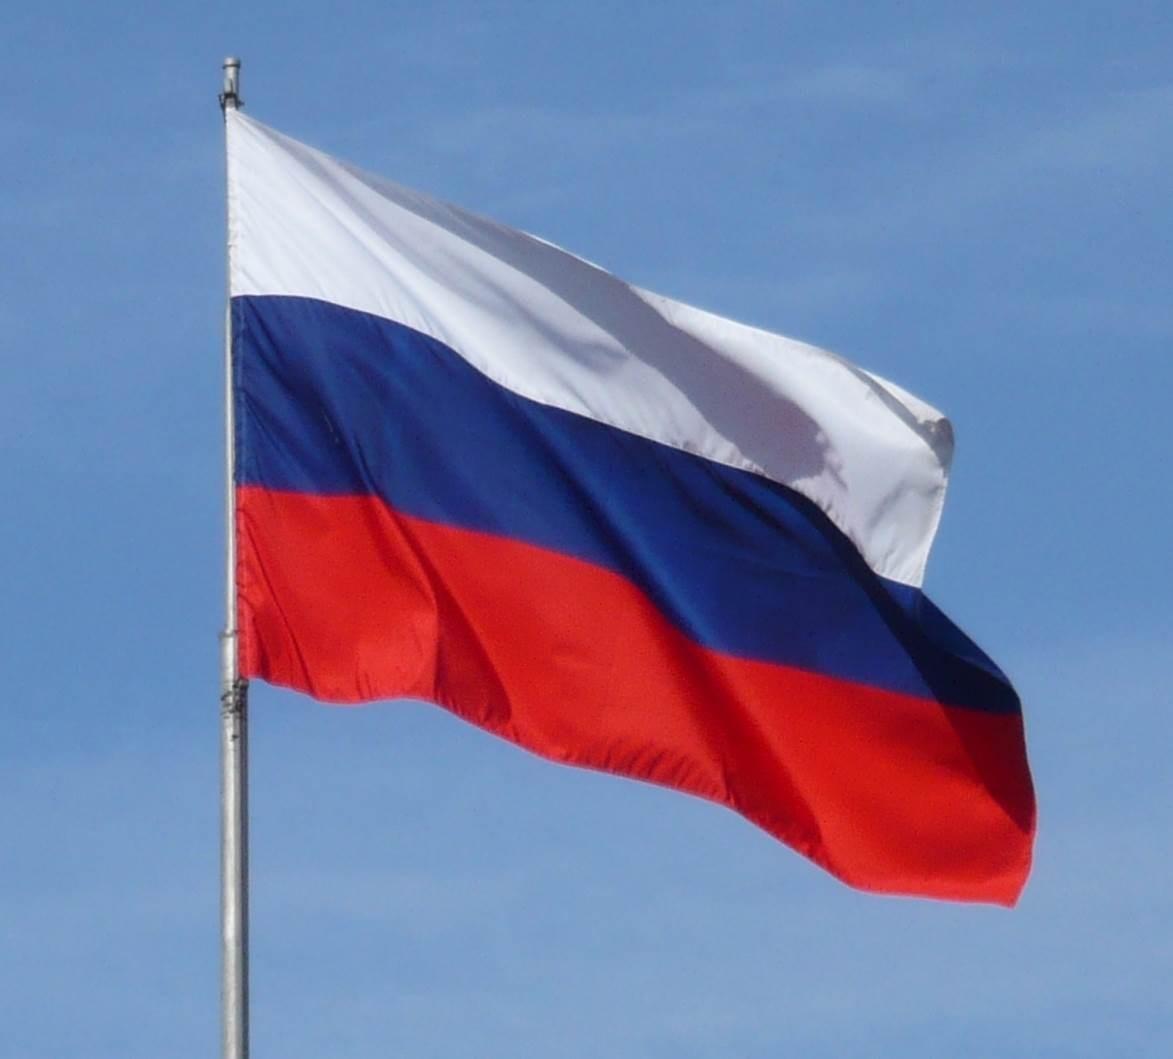 الخرجية الروسية: الوضع في كاراباخ تفاقم بشكل خطر